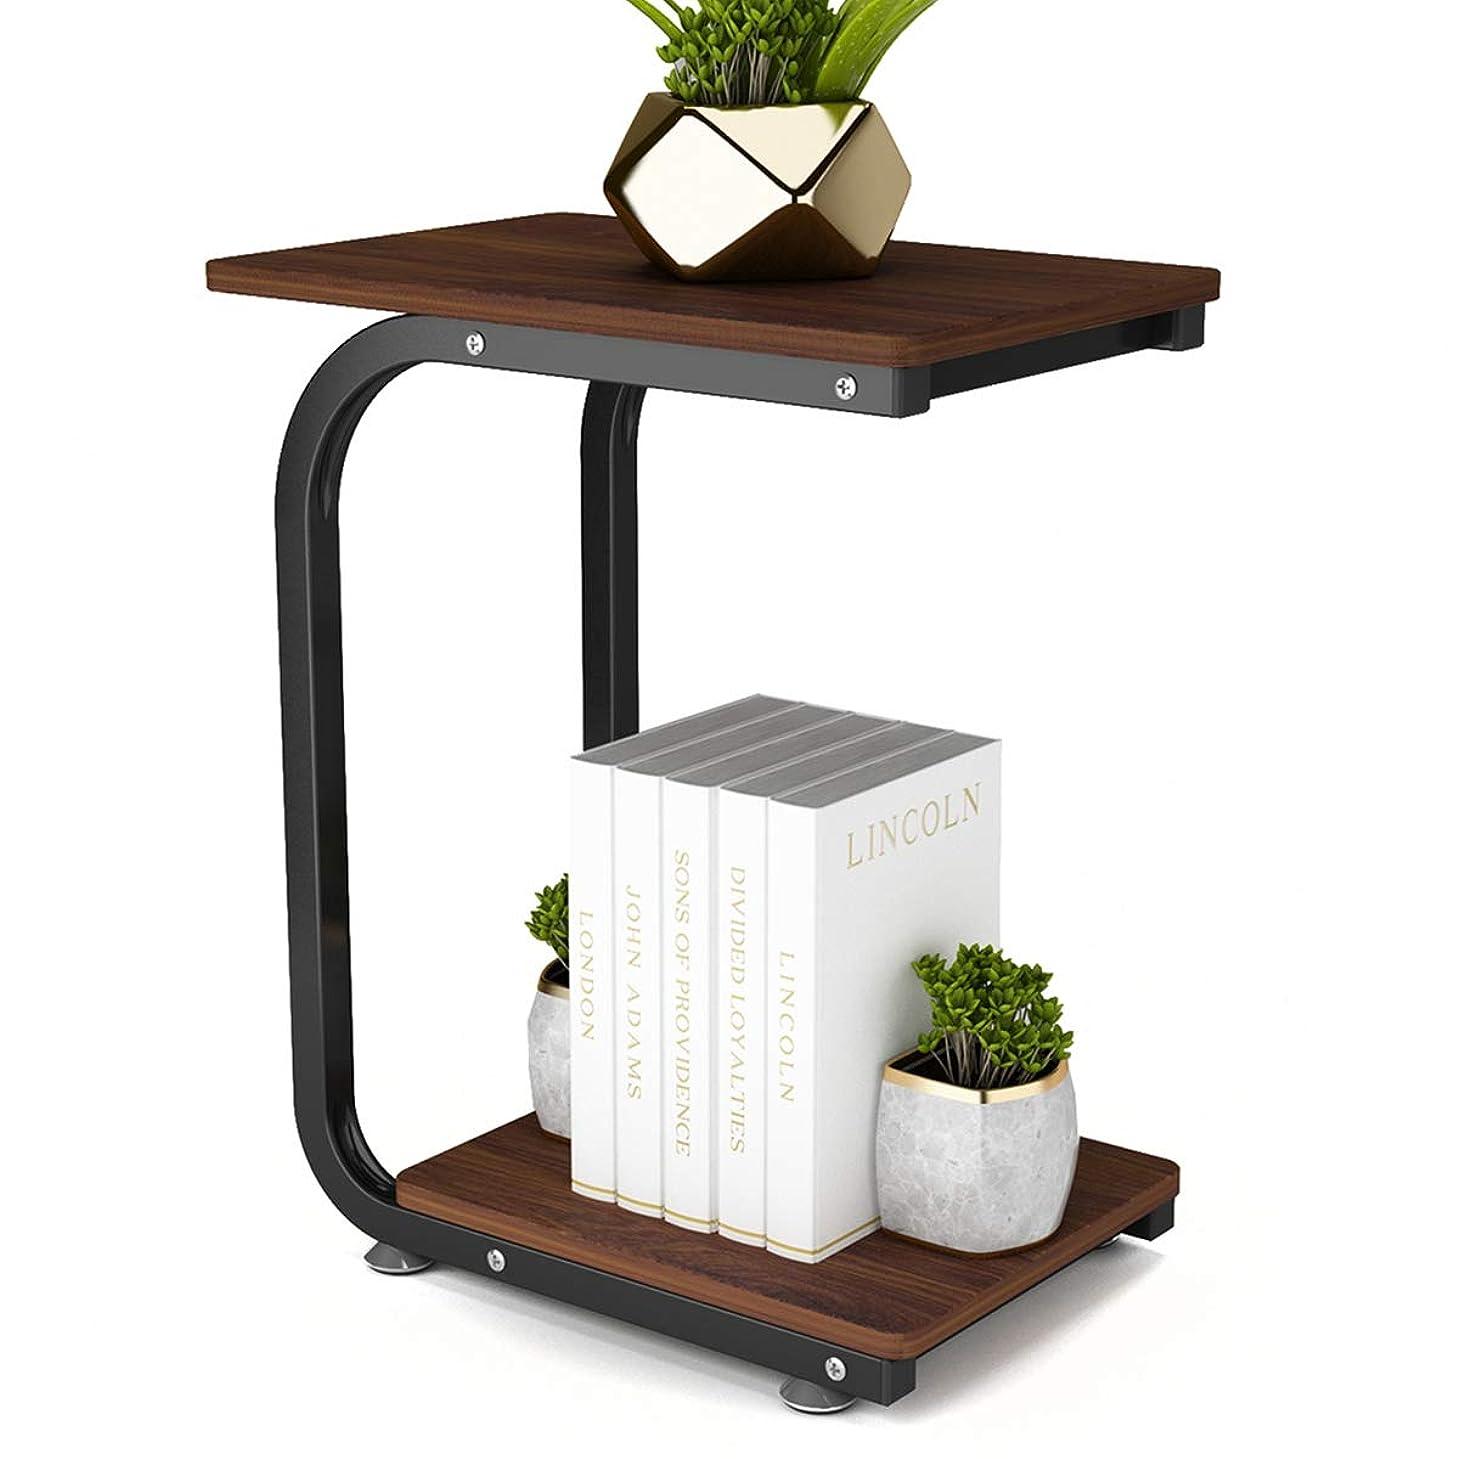 堂々たるはがき夢DEWEL サイドテーブル ソファーサイドテーブル コ字型 ベッドサイドテーブル テーブル ナイトテーブル キャスター&アジャスター付き シンプル 幅45×奥行30×高さ55cm